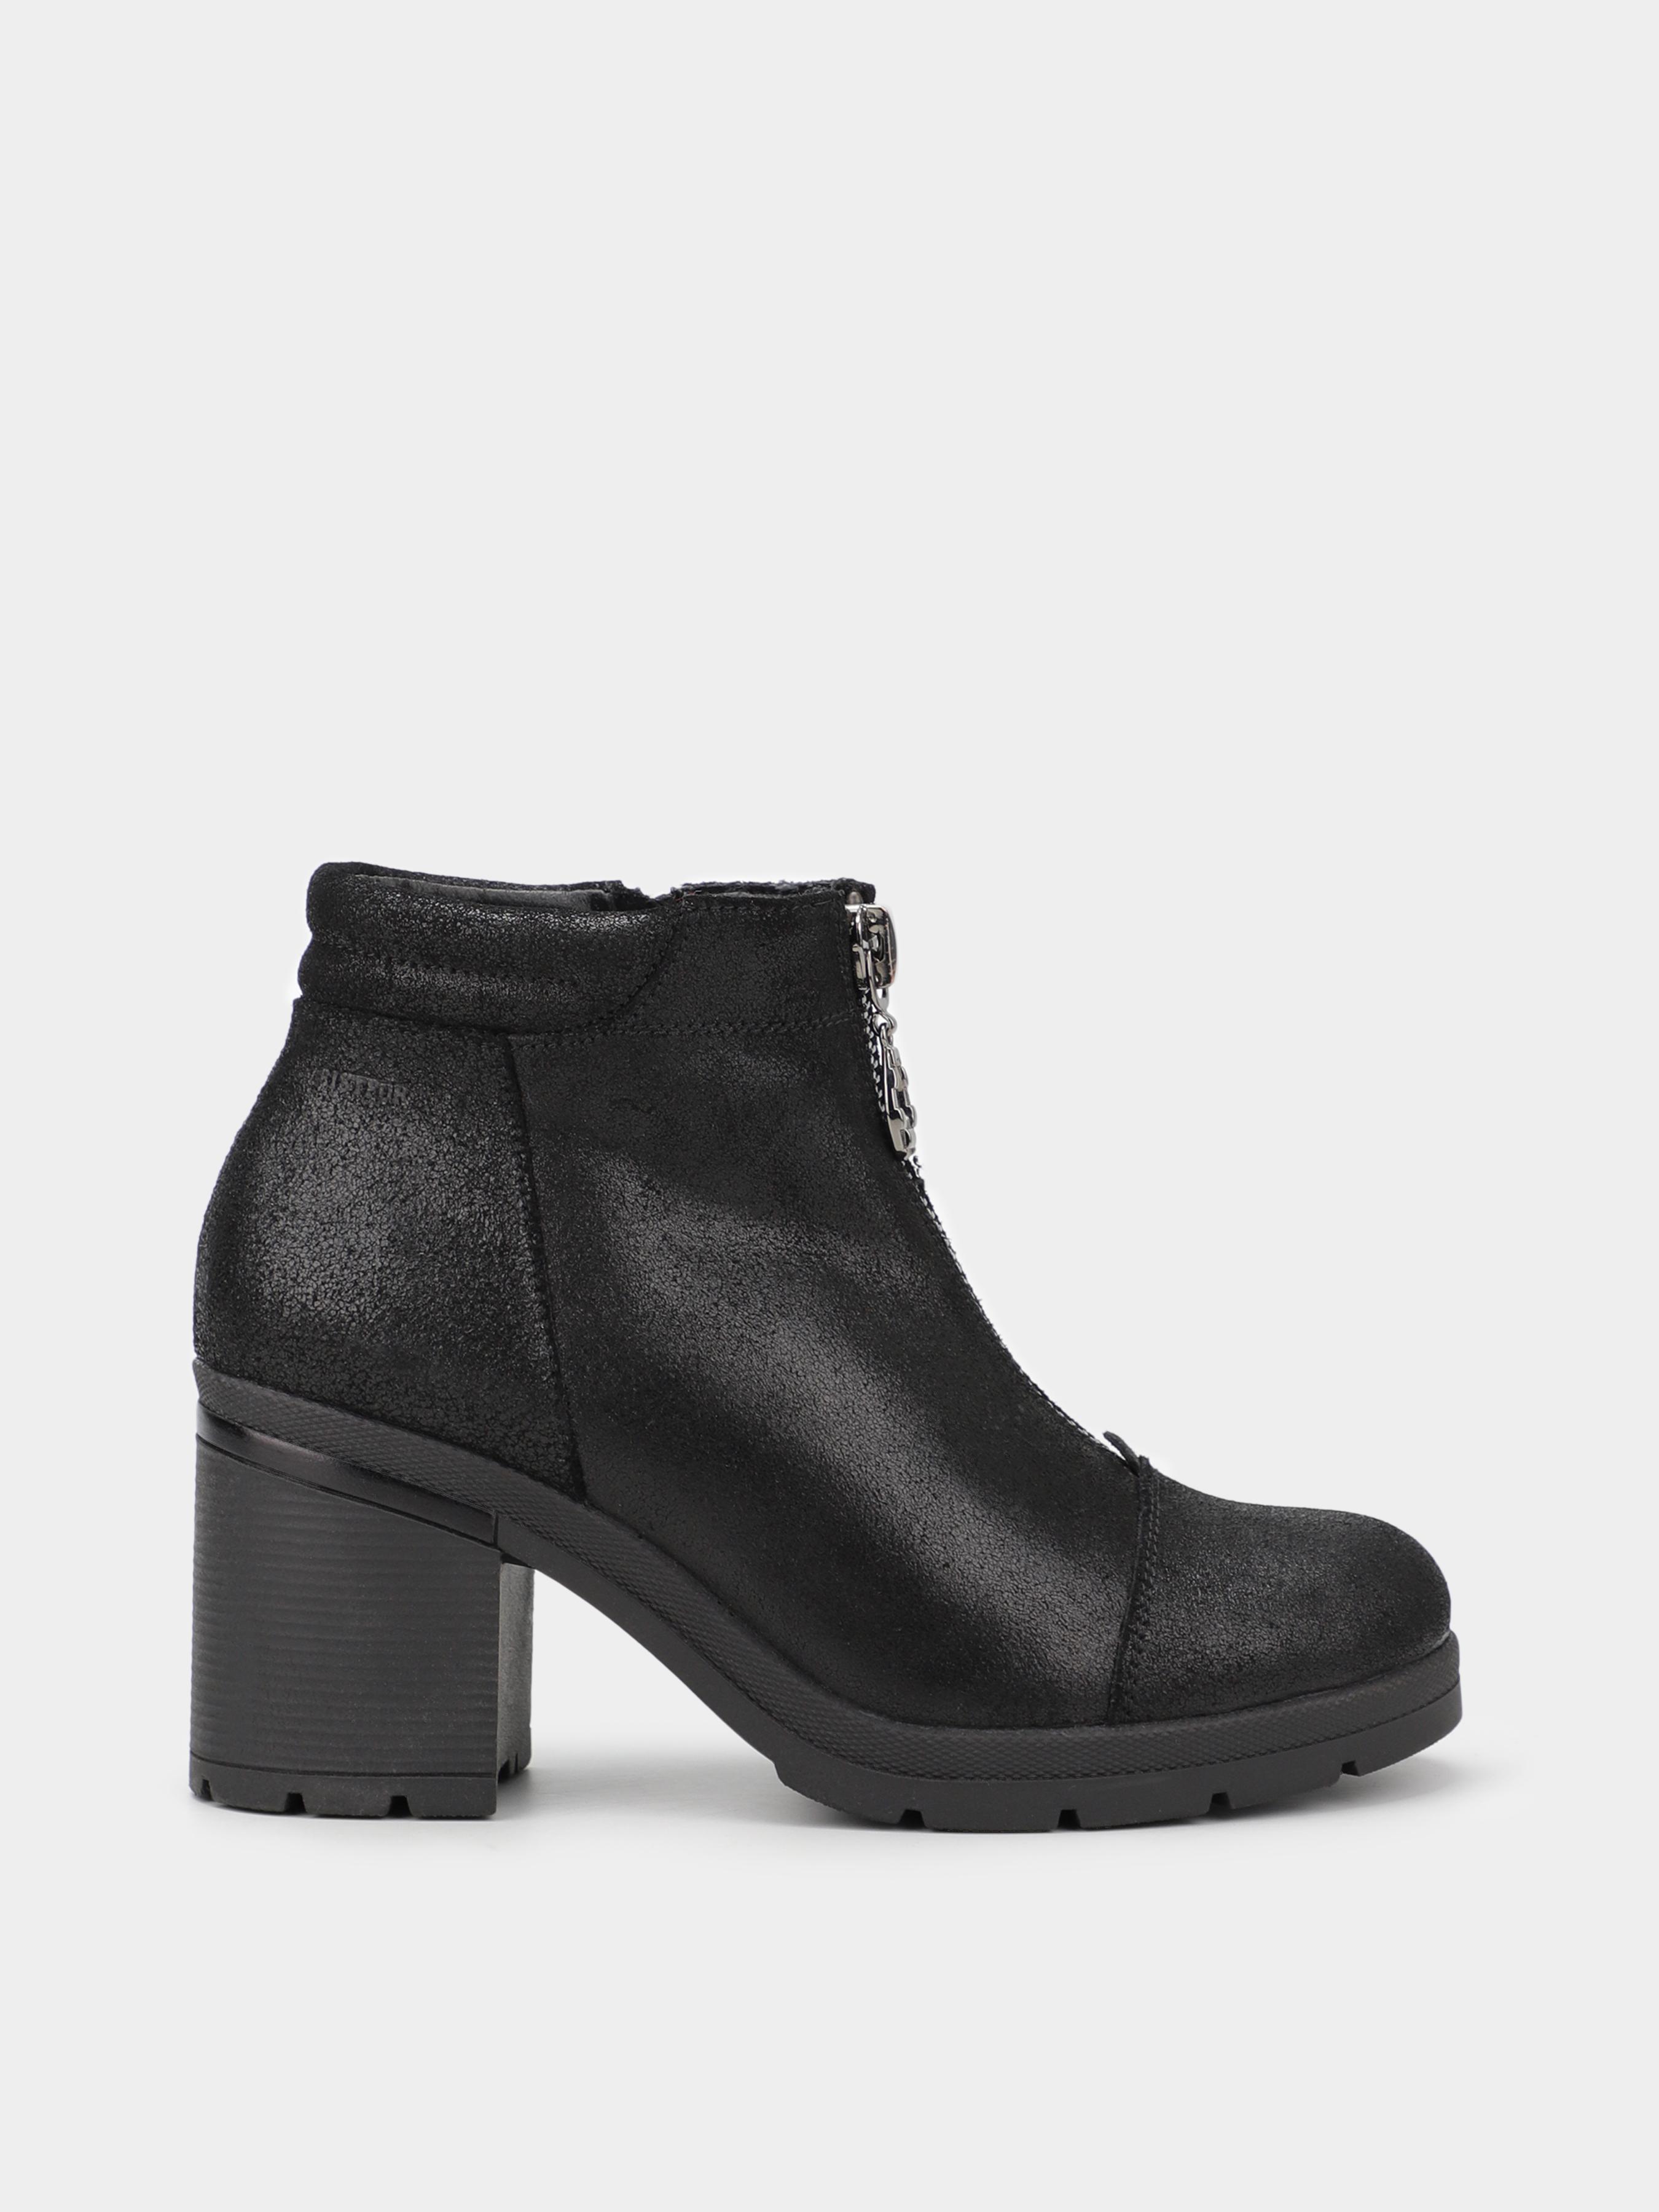 Ботинки для женщин BISTFOR 9G63 цена, 2017